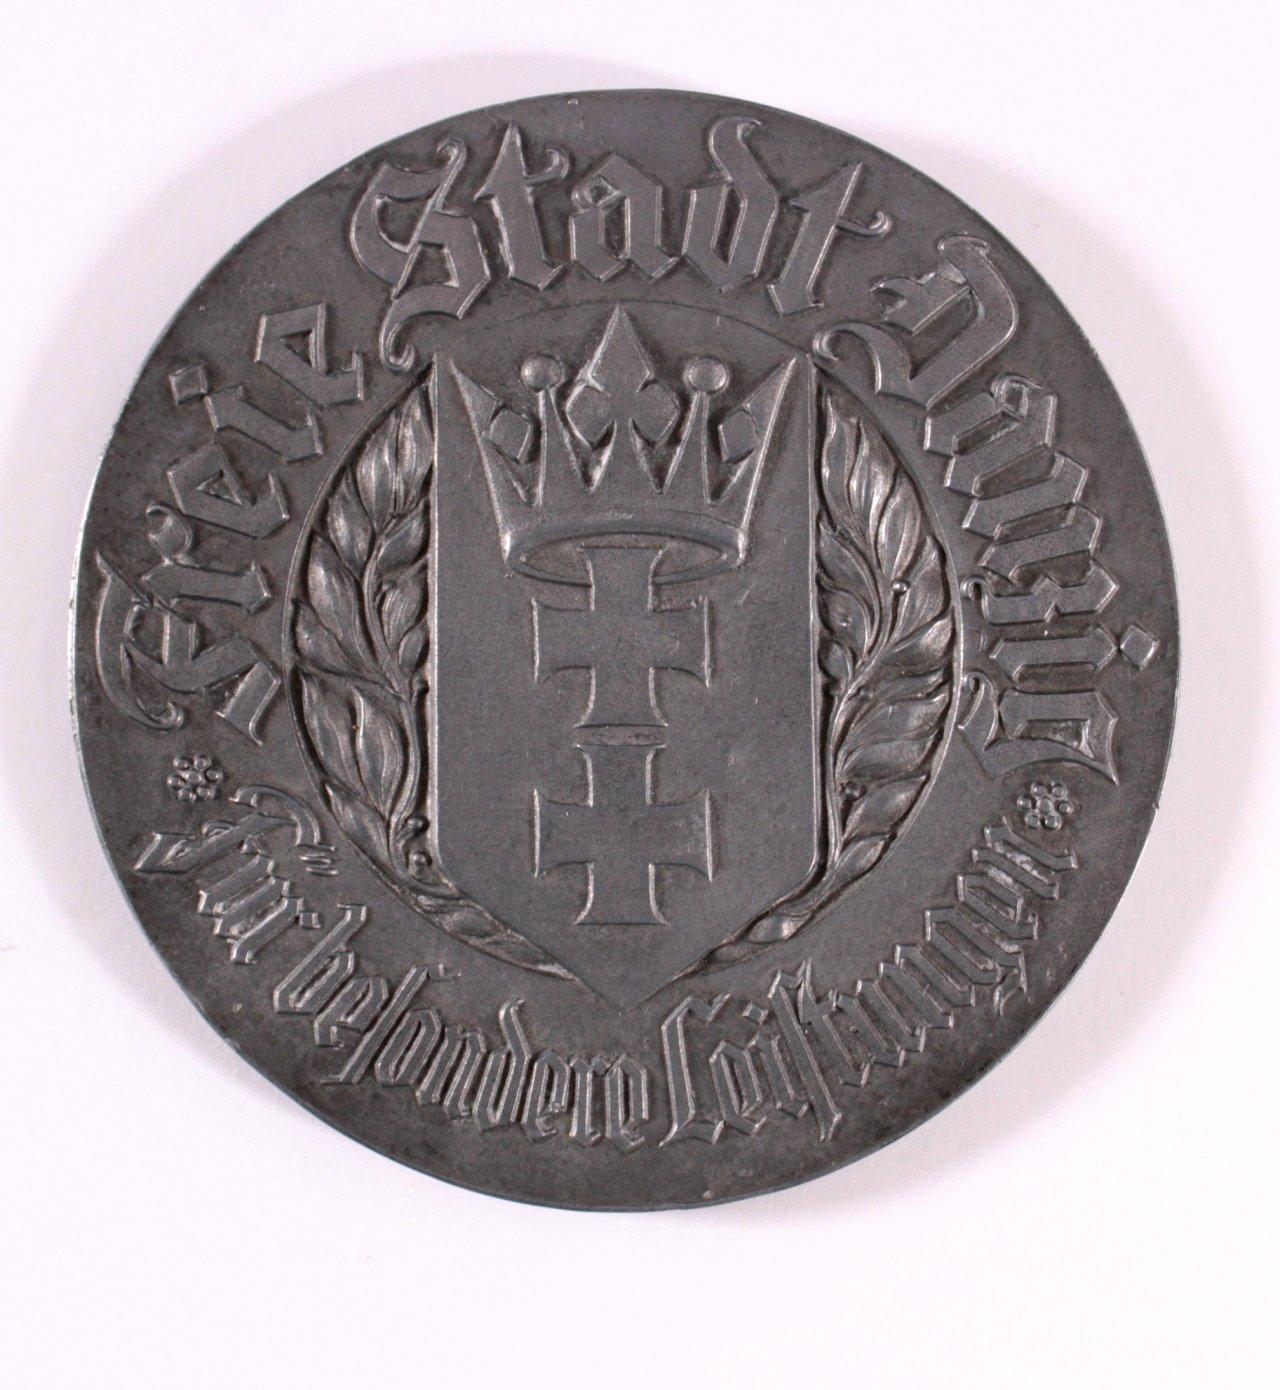 Danzig, Auszeichnung für besondere Leistungen